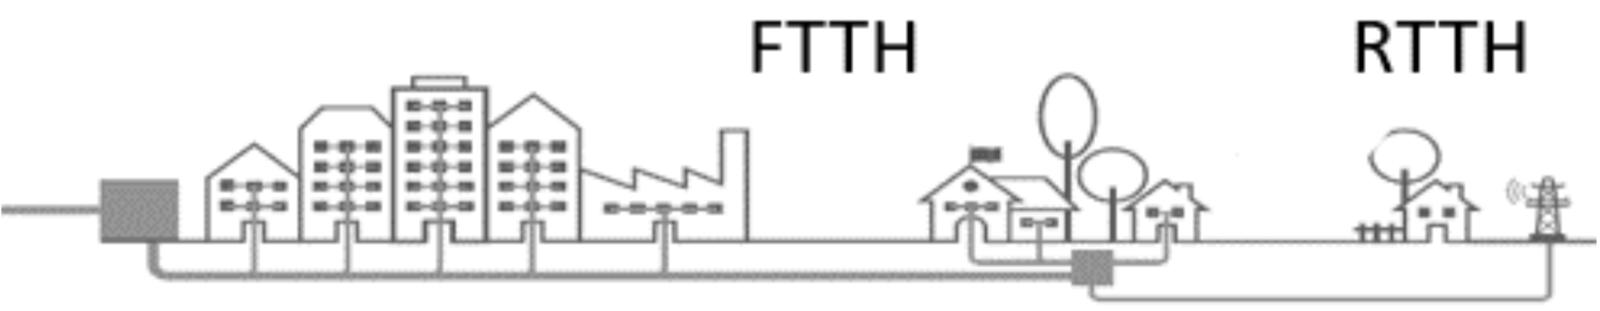 Pour les sites concernés, le choix entre le déploiement de la fibre ou le RTTH sera guidé par une étude économique.